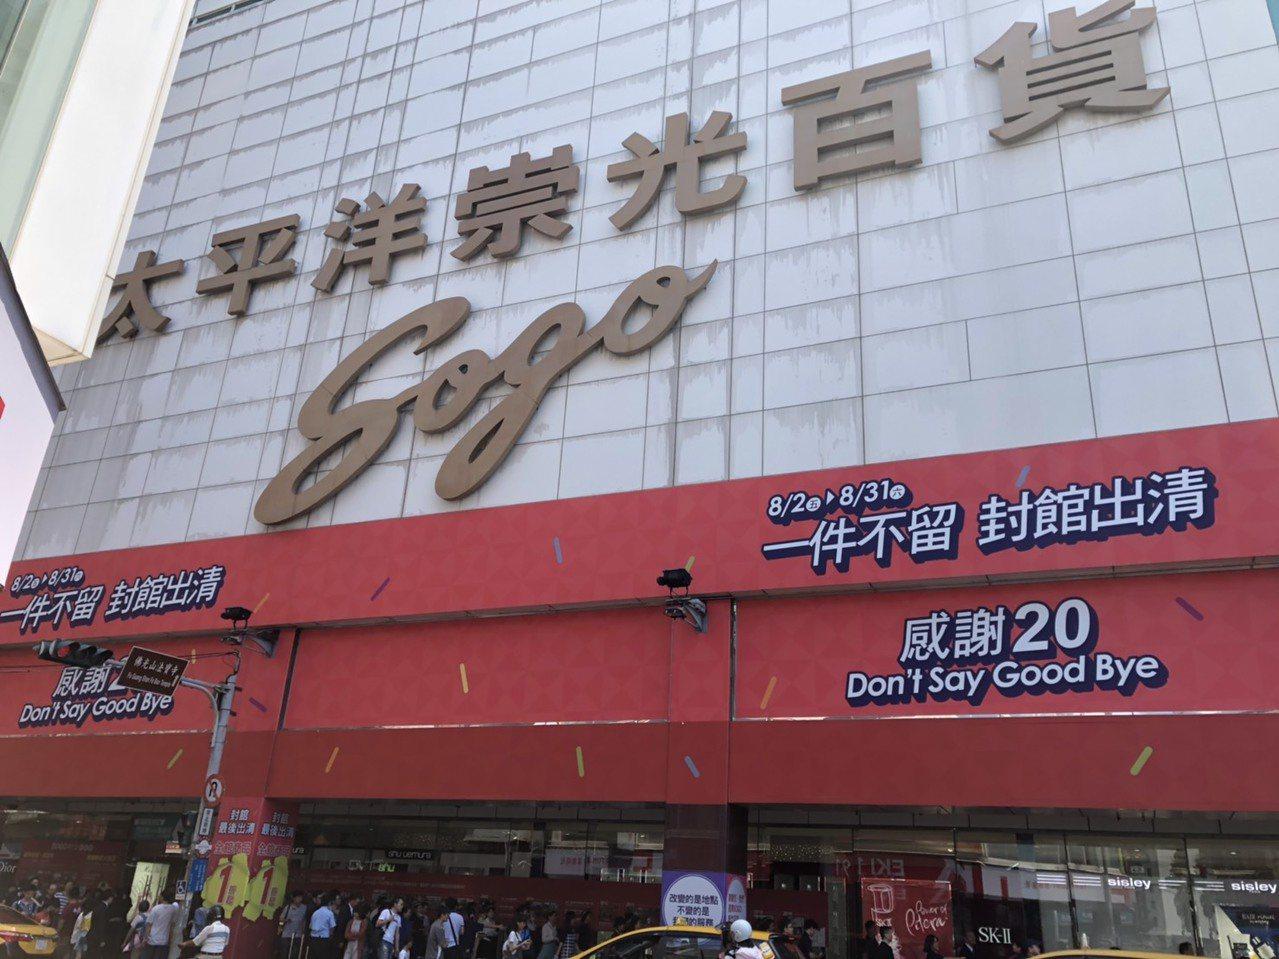 最後一天再見了! SOGO新竹站前館熄燈民眾不捨